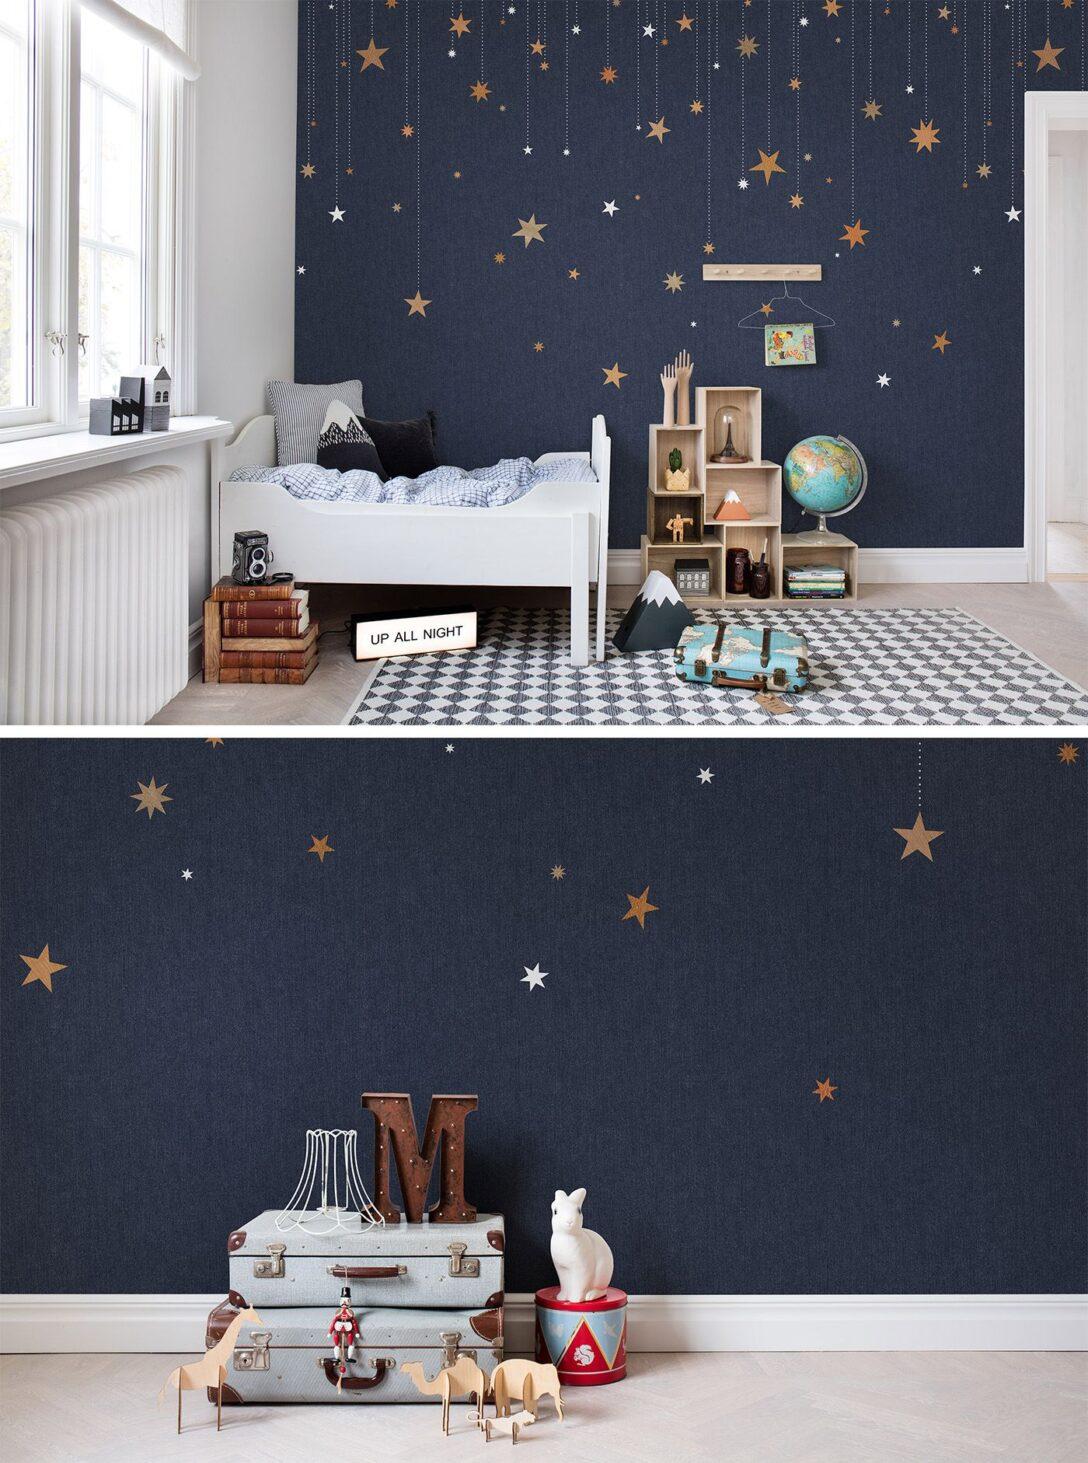 Large Size of Sternenhimmel Kinderzimmer Stargazing Tapete Regal Weiß Regale Sofa Kinderzimmer Sternenhimmel Kinderzimmer